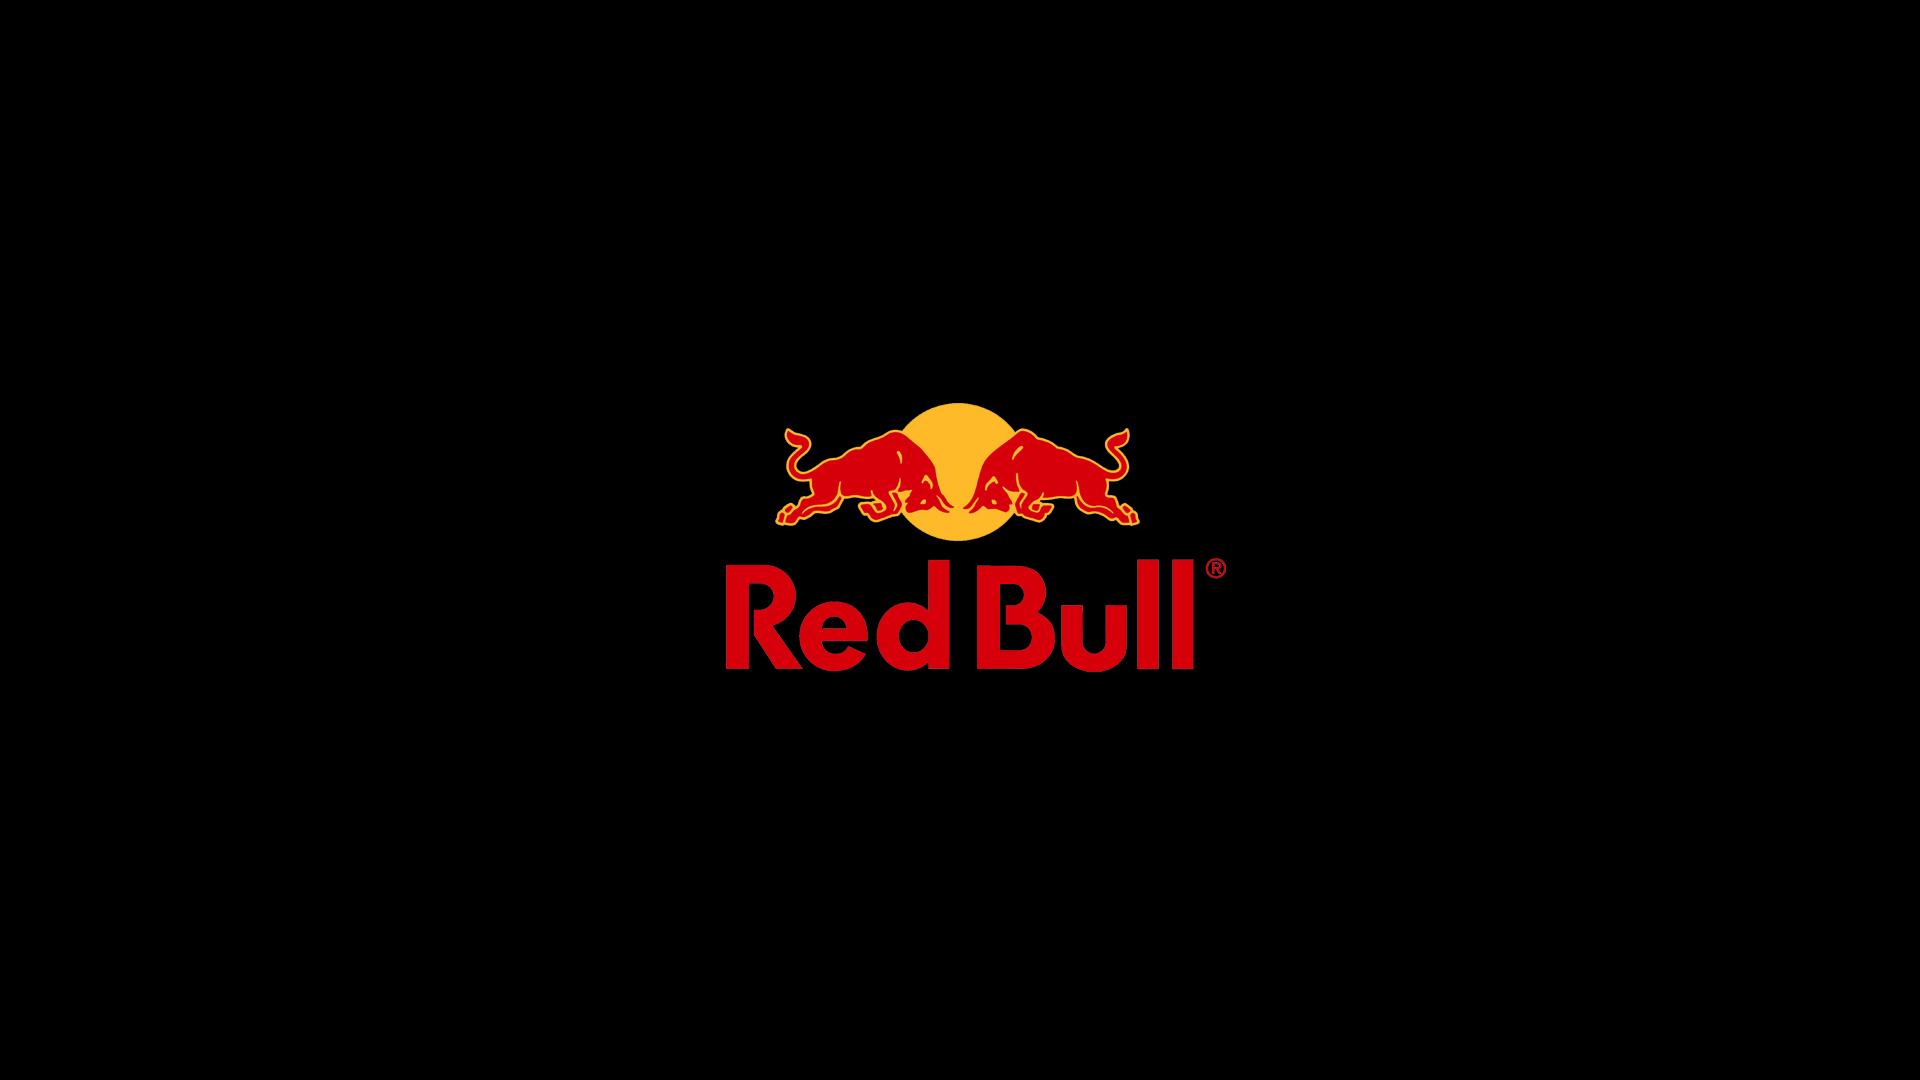 Red Bull Fondo De Pantalla HD